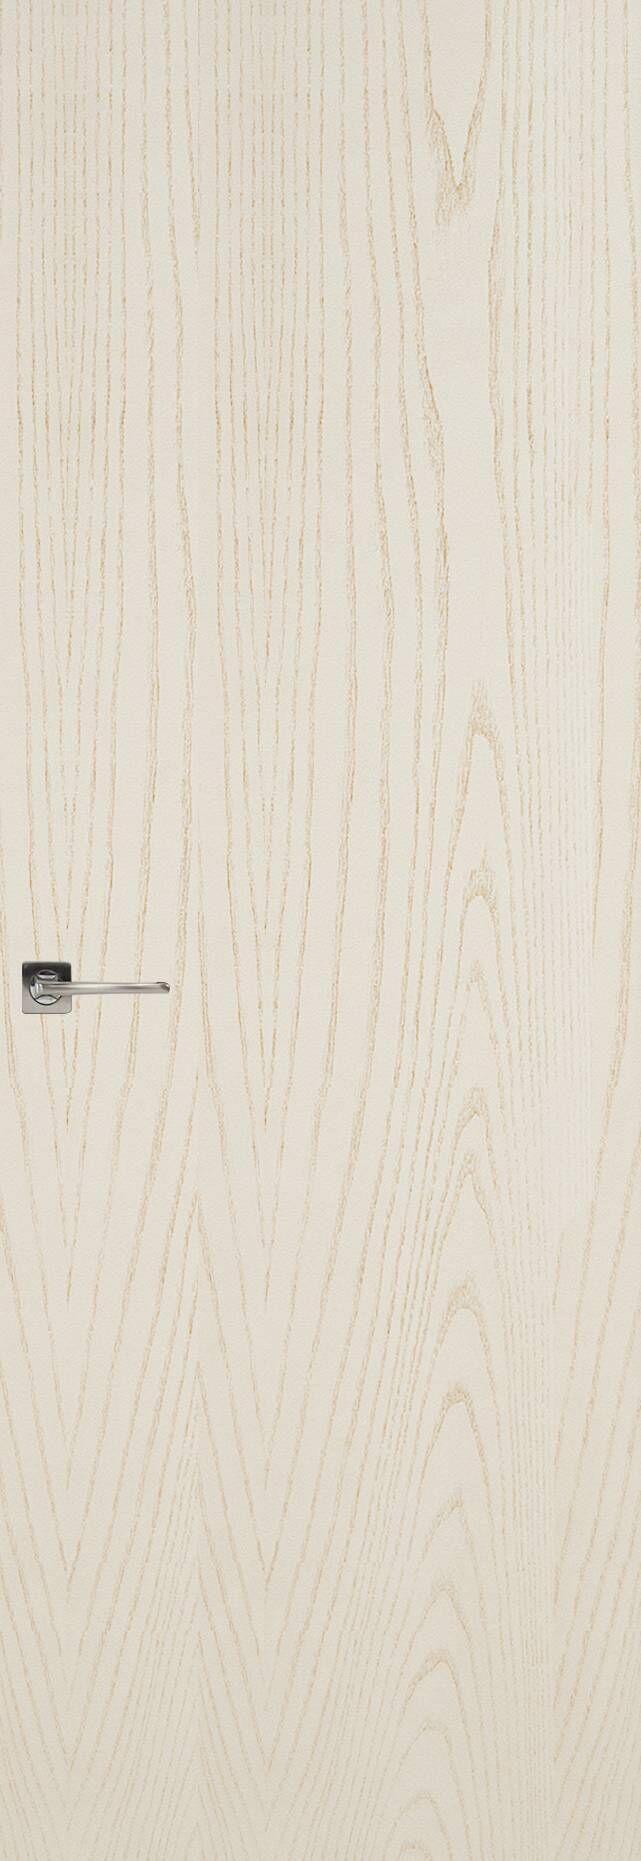 Tivoli А-1 Невидимка цвет - Ясень бежевая эмаль Без стекла (ДГ)